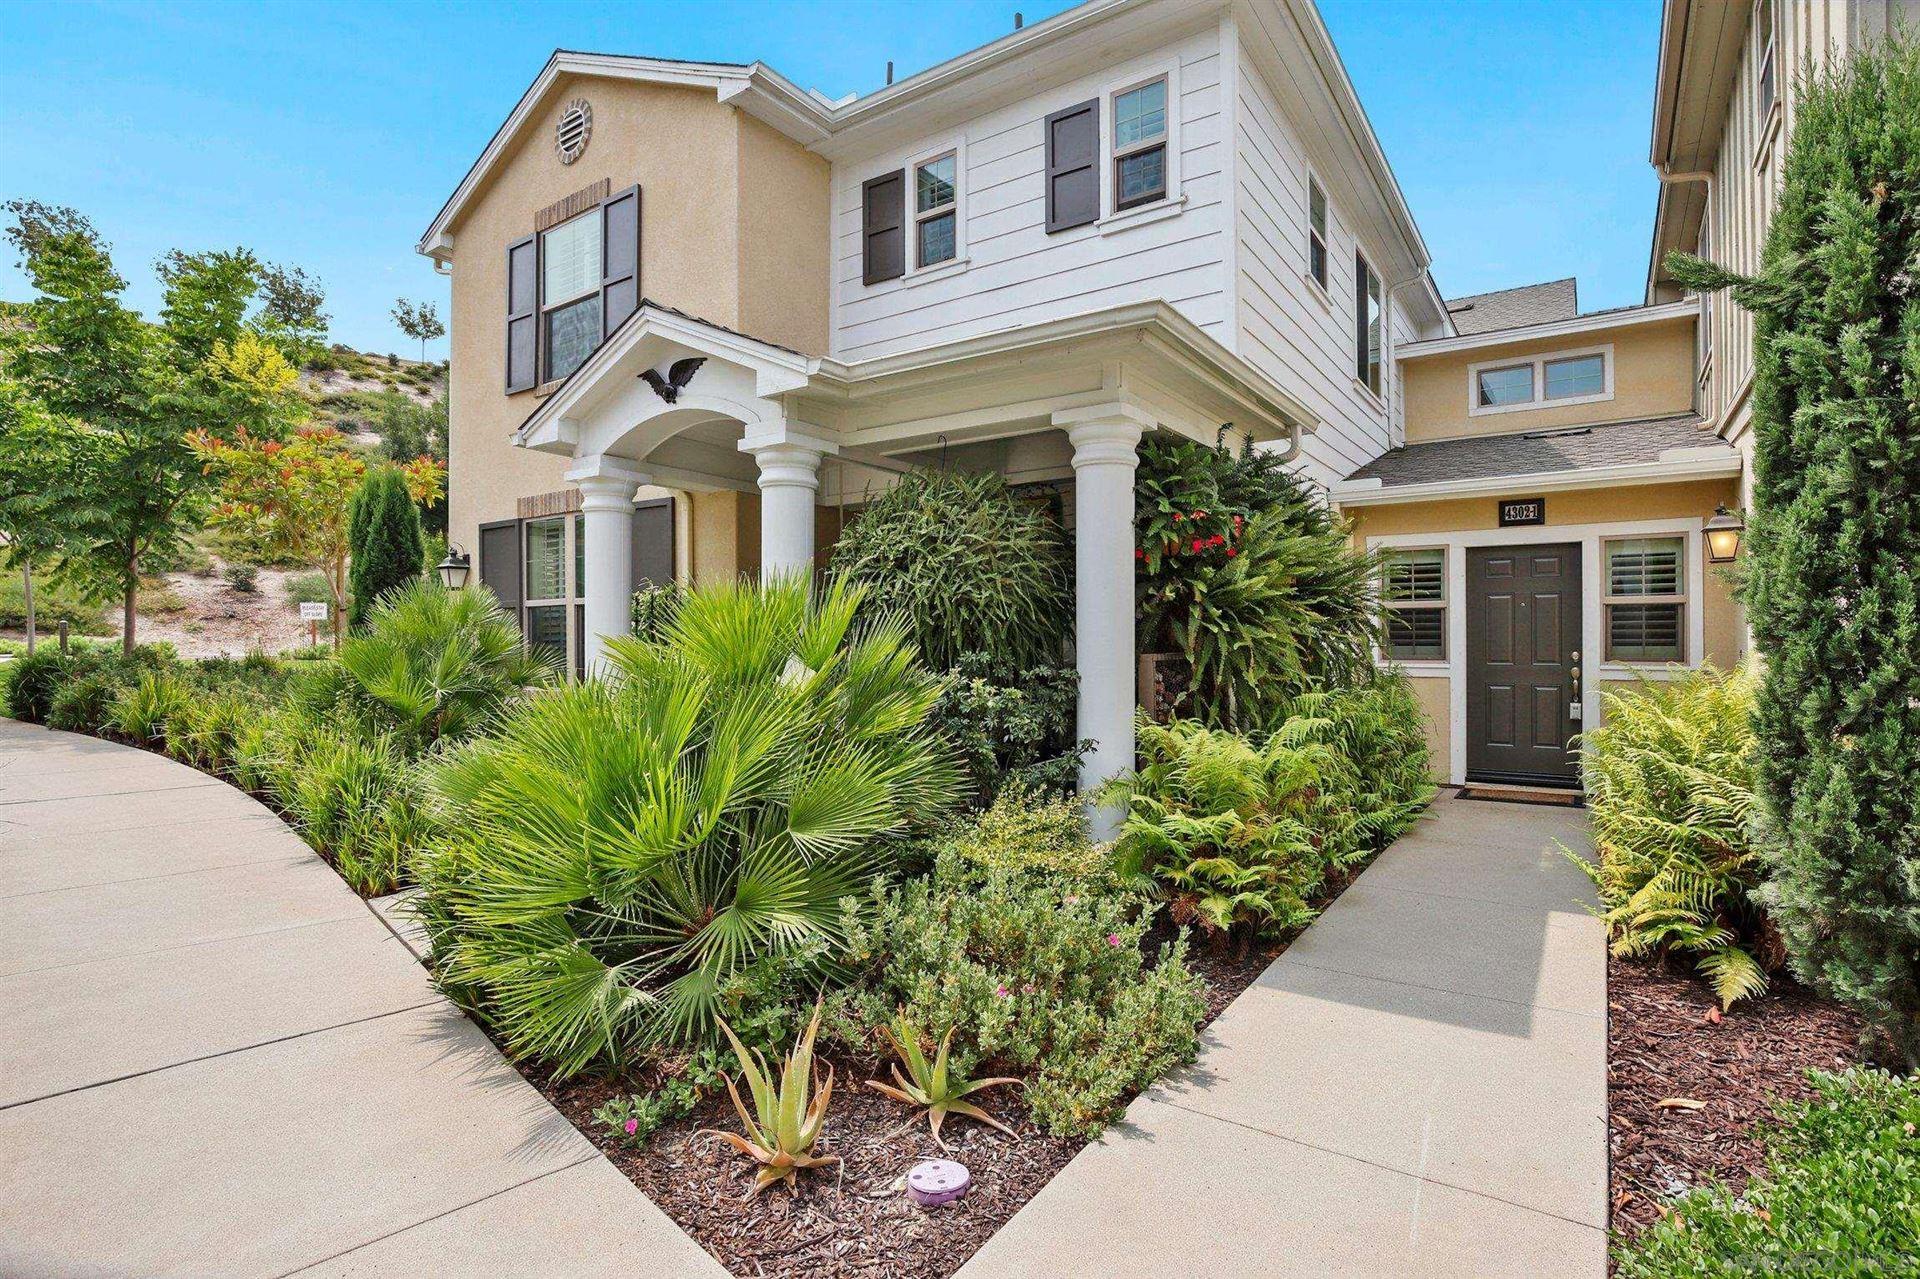 Photo of 4302 Pacifica Way #1, Oceanside, CA 92056 (MLS # 210024359)